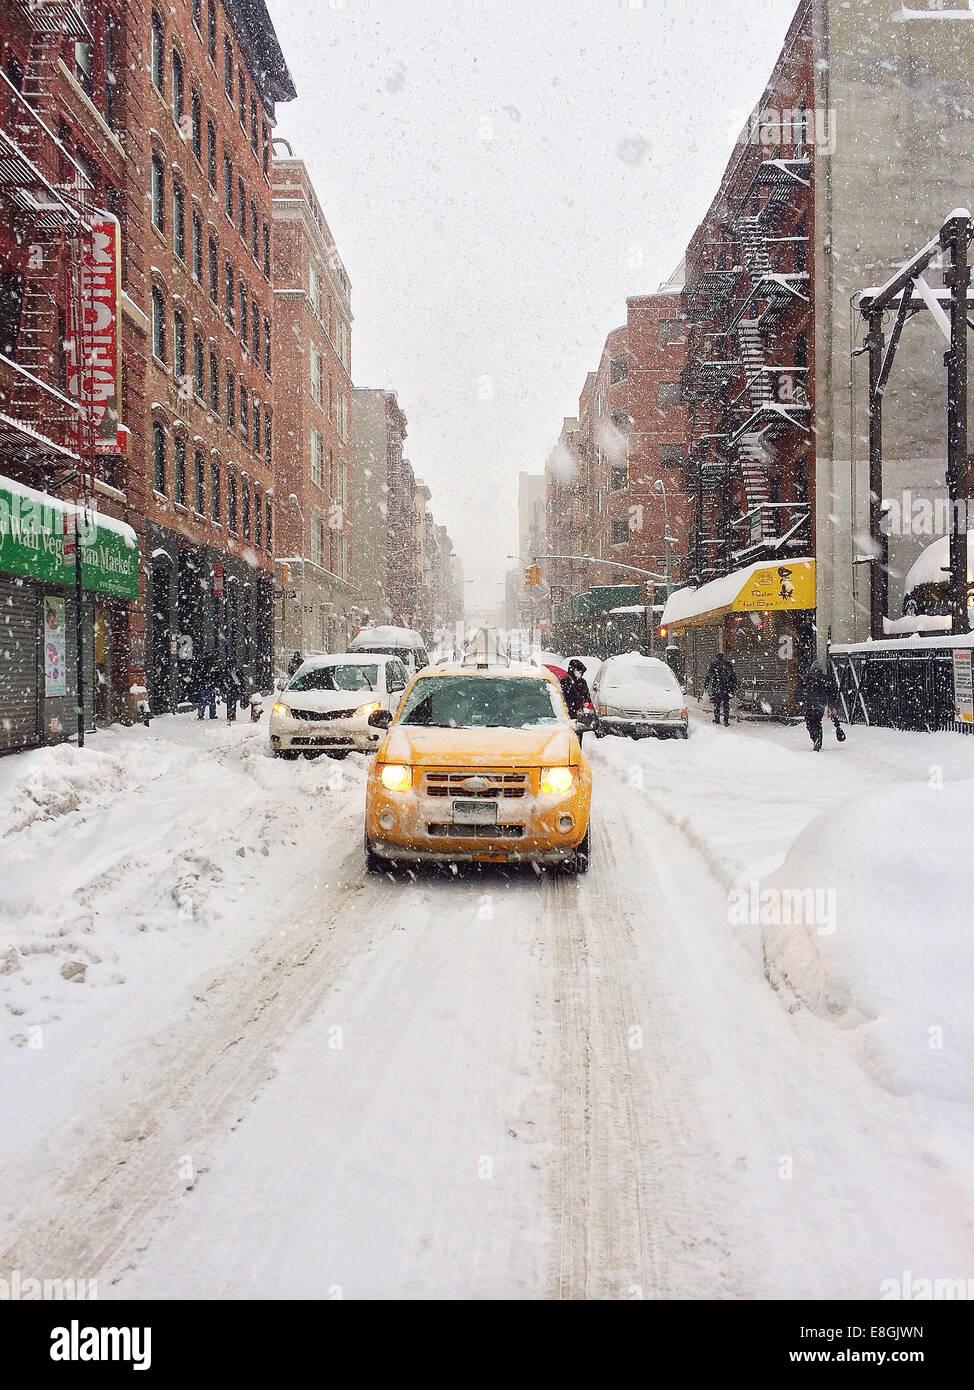 Ee.Uu., la ciudad de Nueva York, Lower East Side, Chinatown, taxi amarillo en la nieve. Imagen De Stock